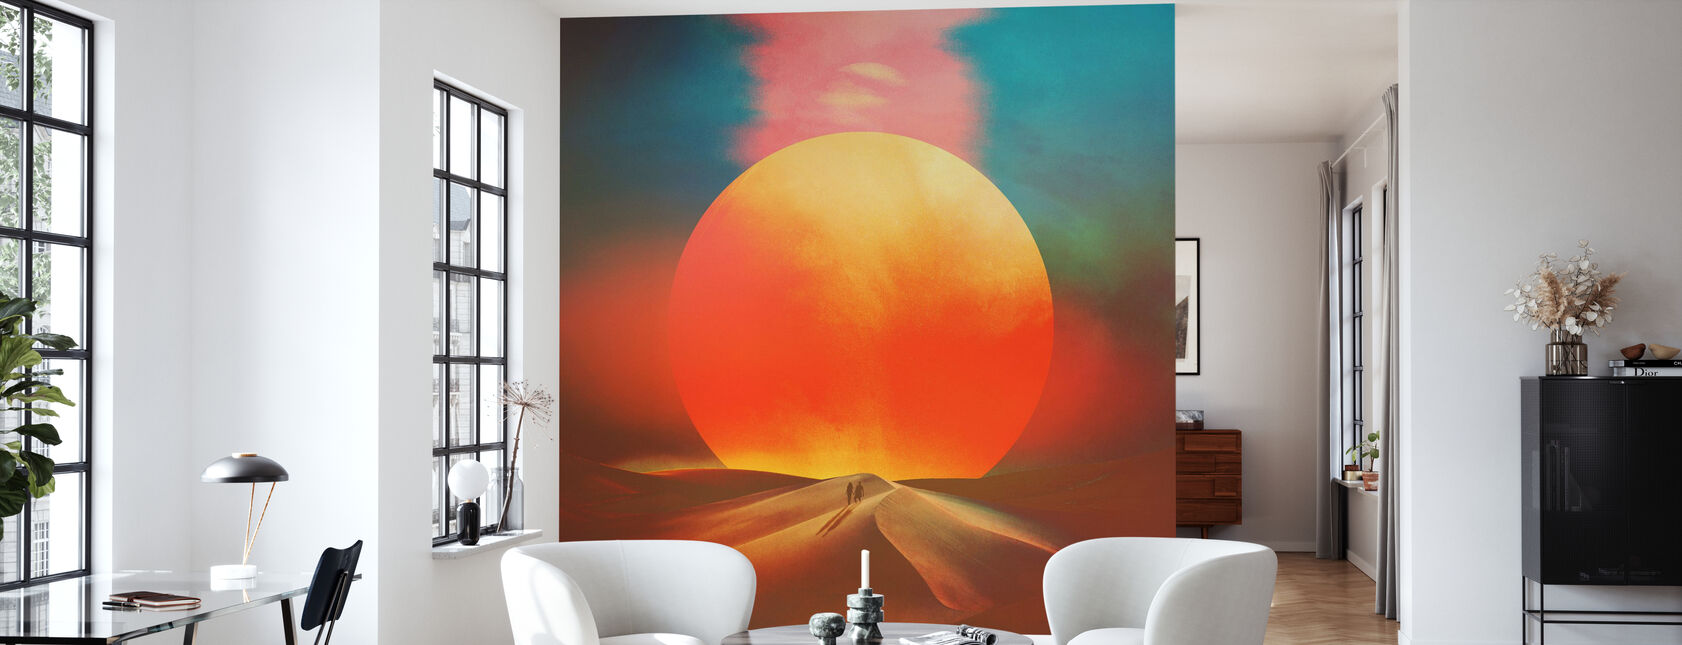 Setting Sun - Wallpaper - Living Room